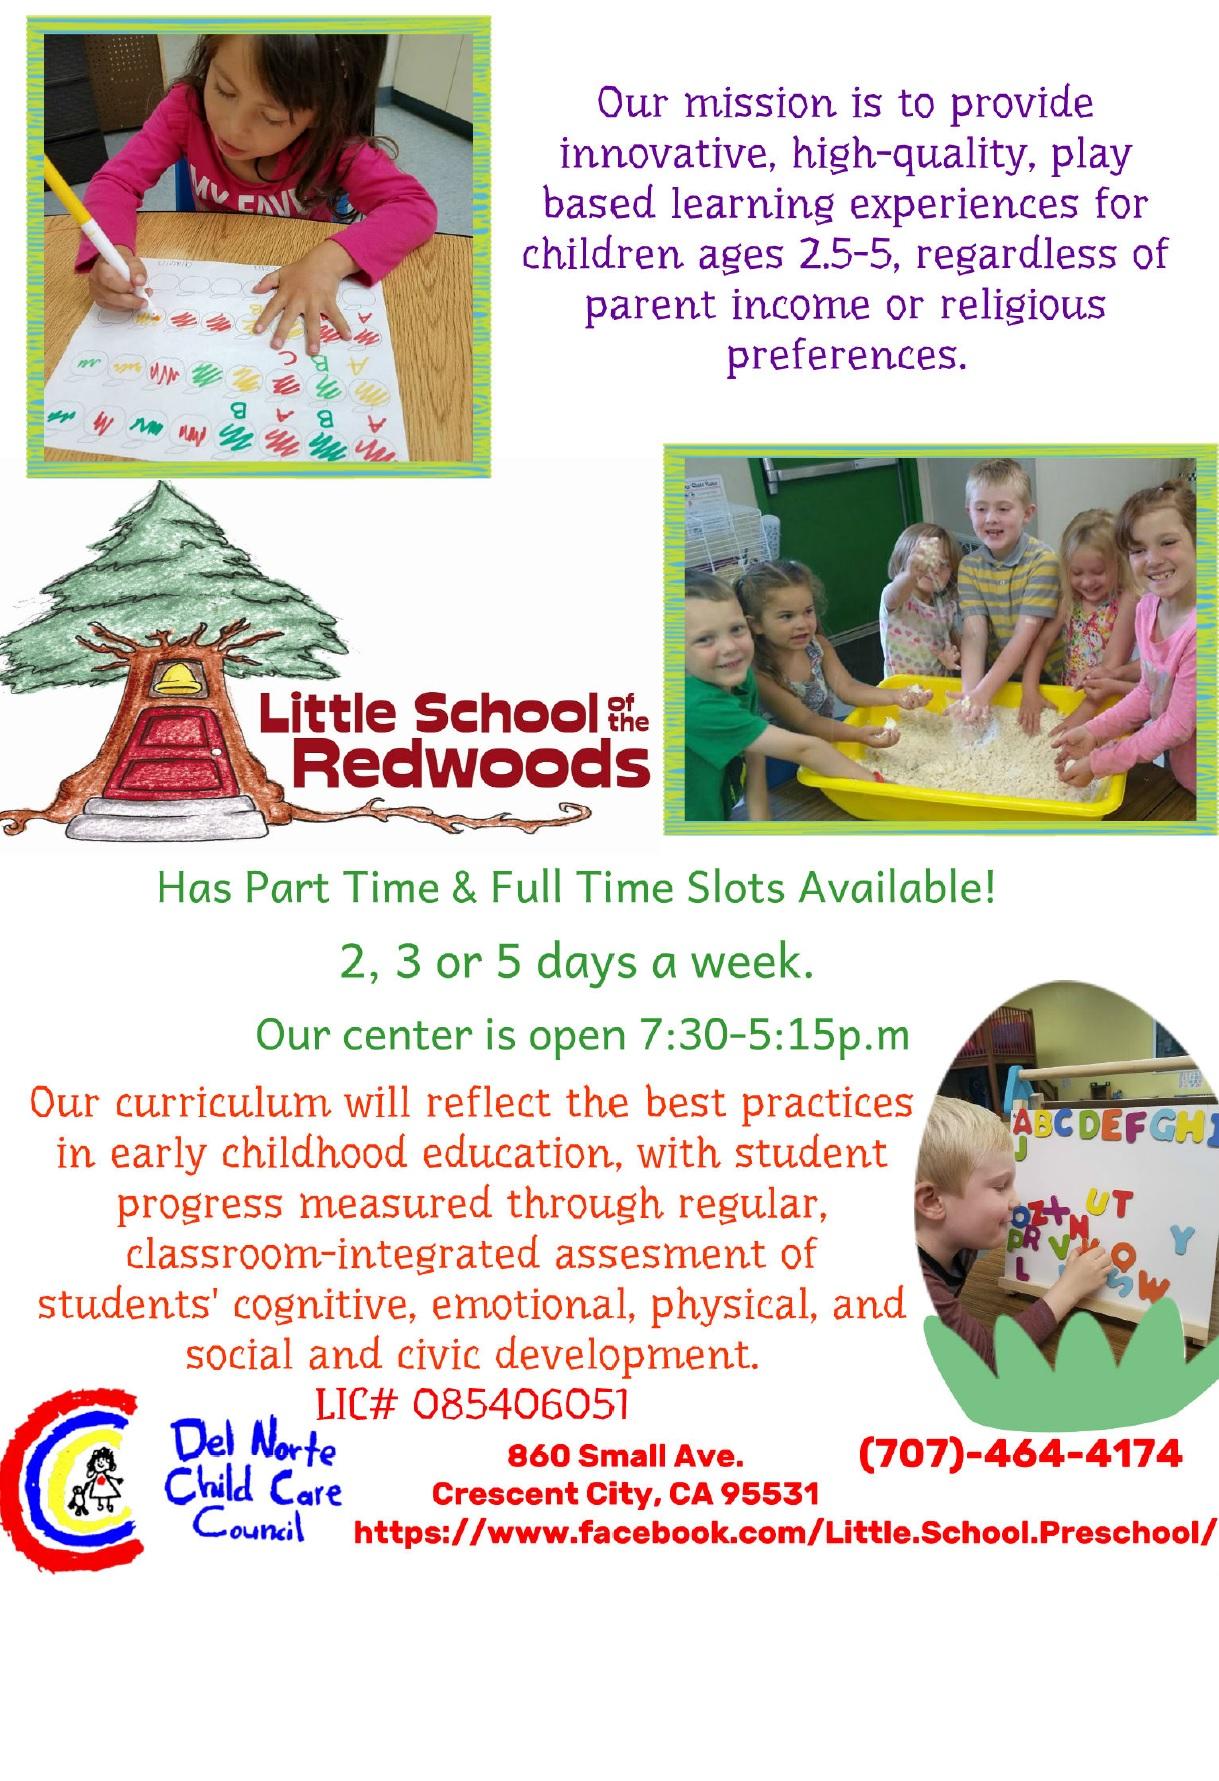 Little School Of The Redwoods Preschool Del Norte Child